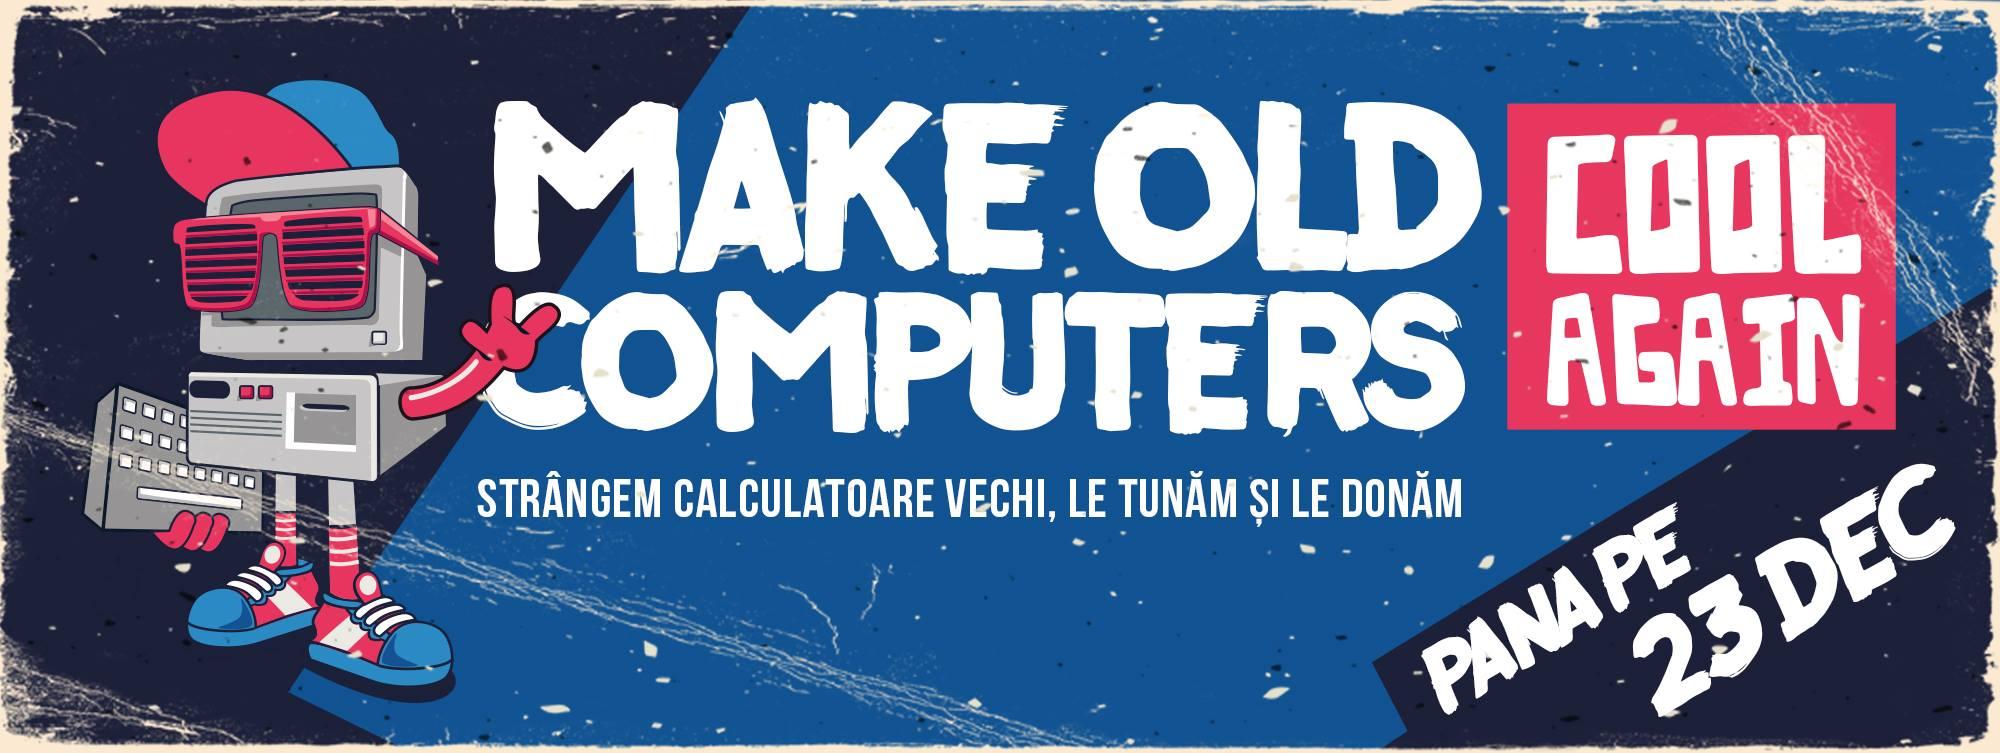 Adunăm PC-uri și componente, să le donăm de Crăciun